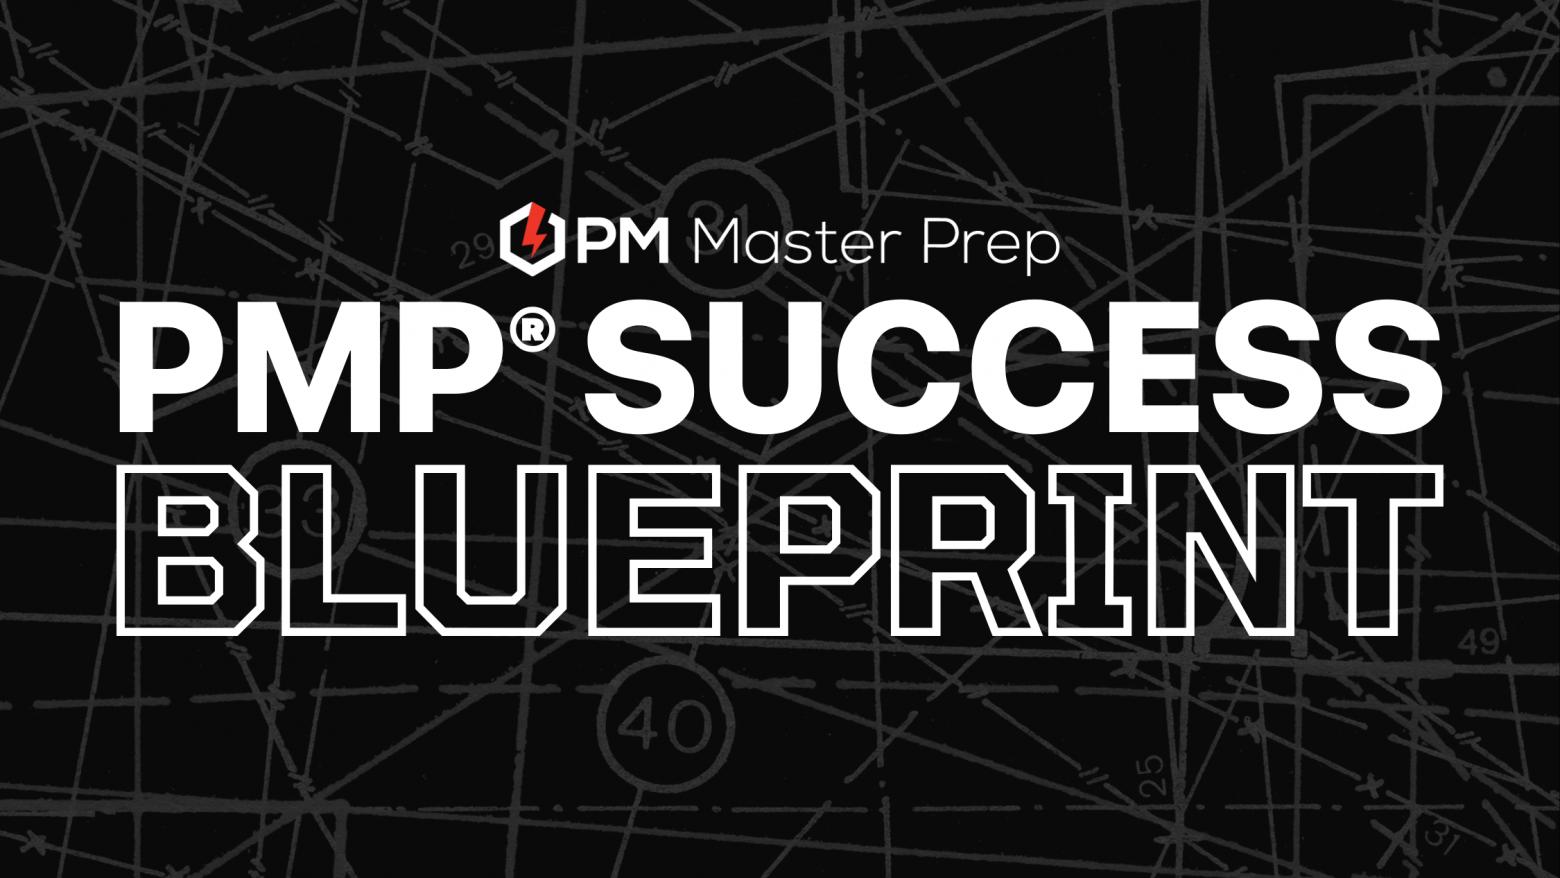 PMP Success Blueprint